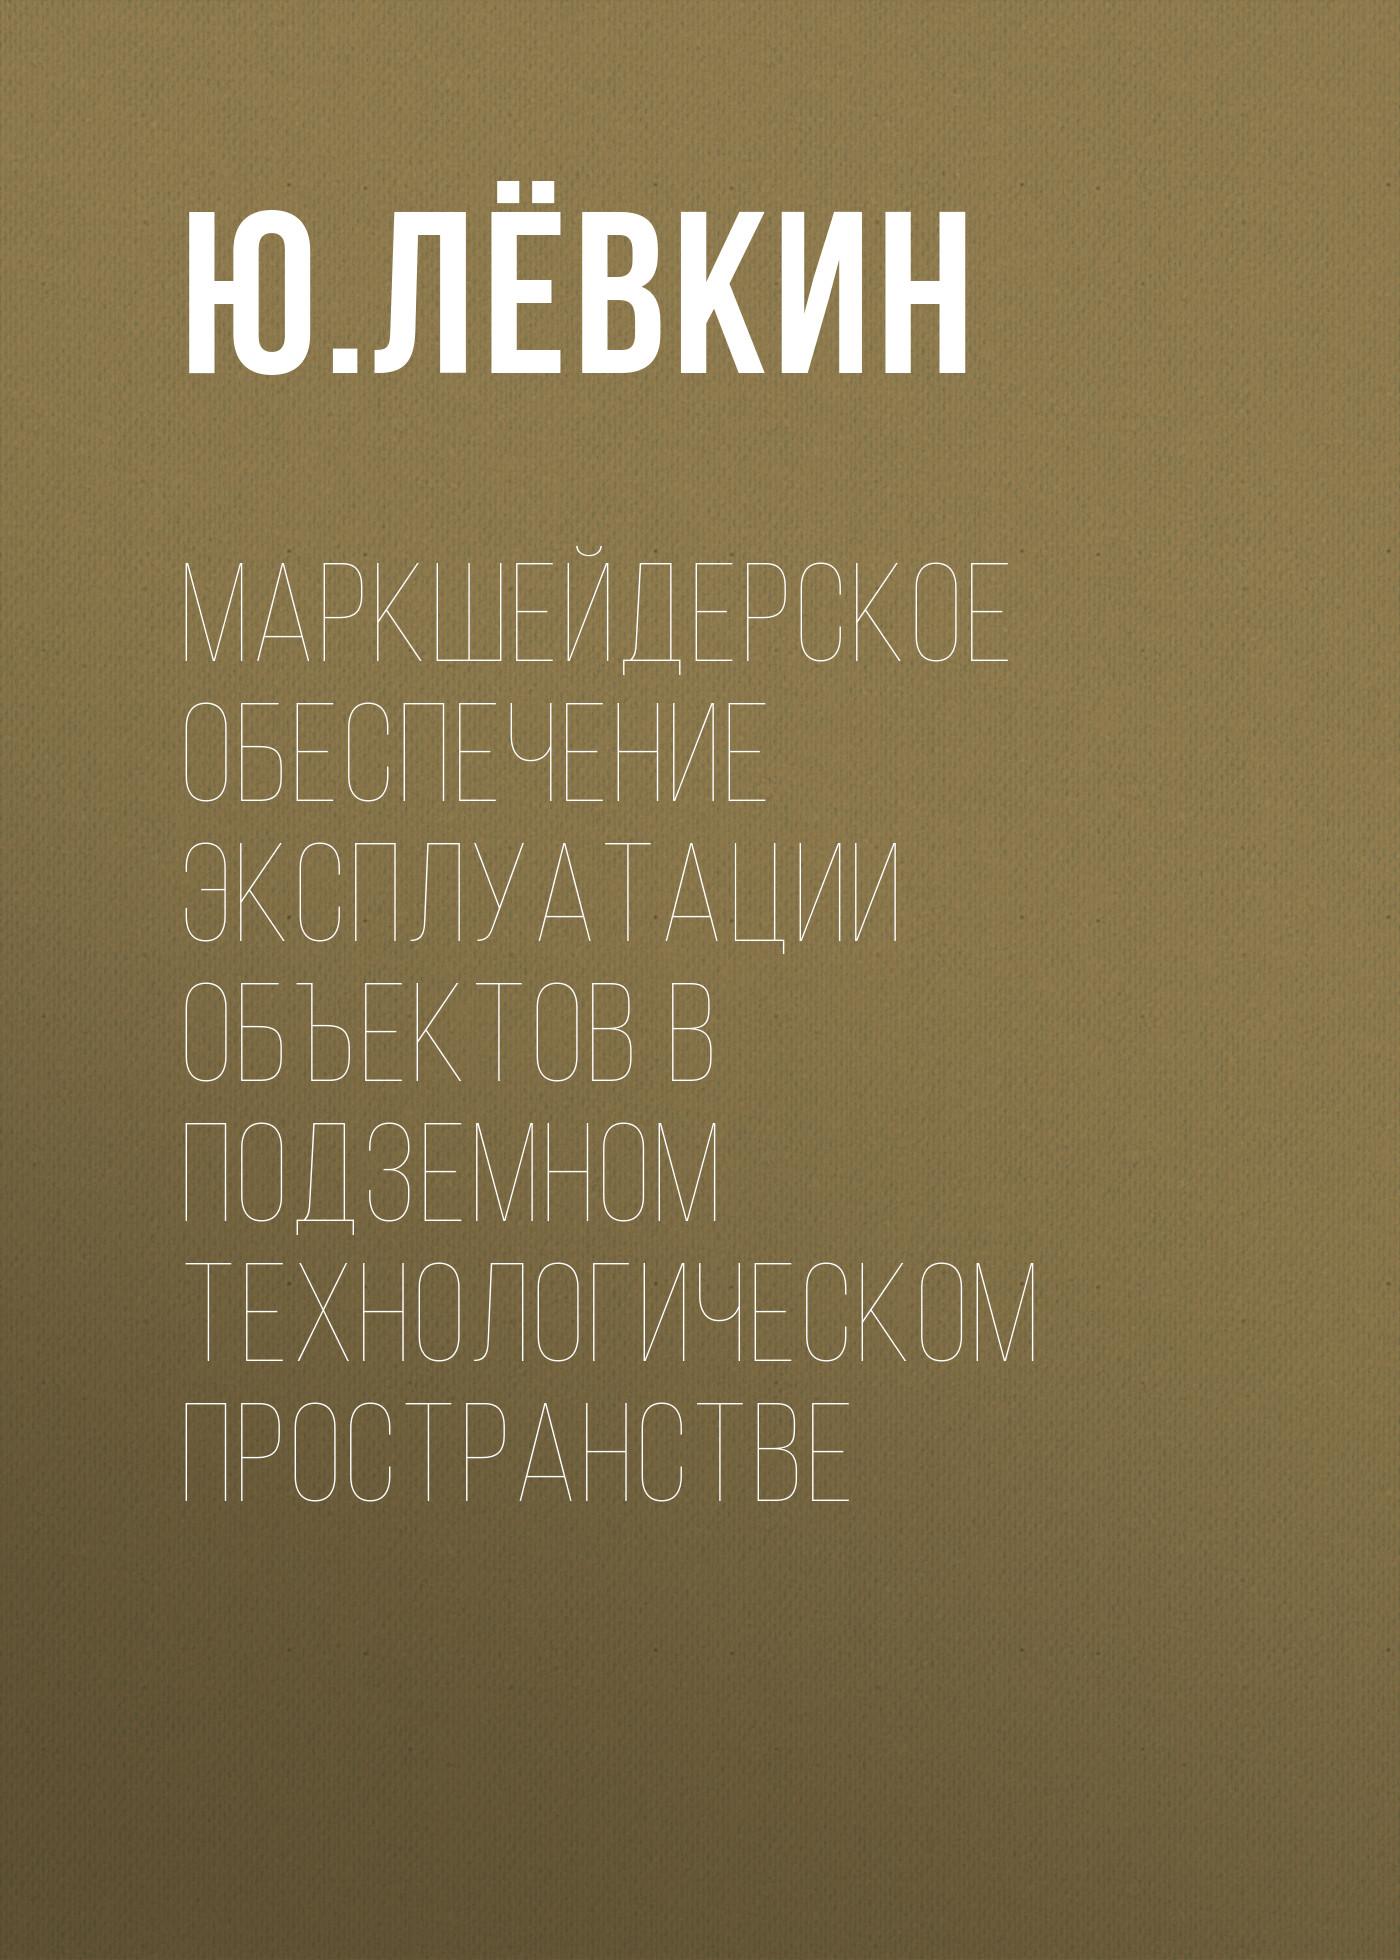 Ю. Лёвкин Маркшейдерское обеспечение эксплуатации объектов в подземном технологическом пространстве